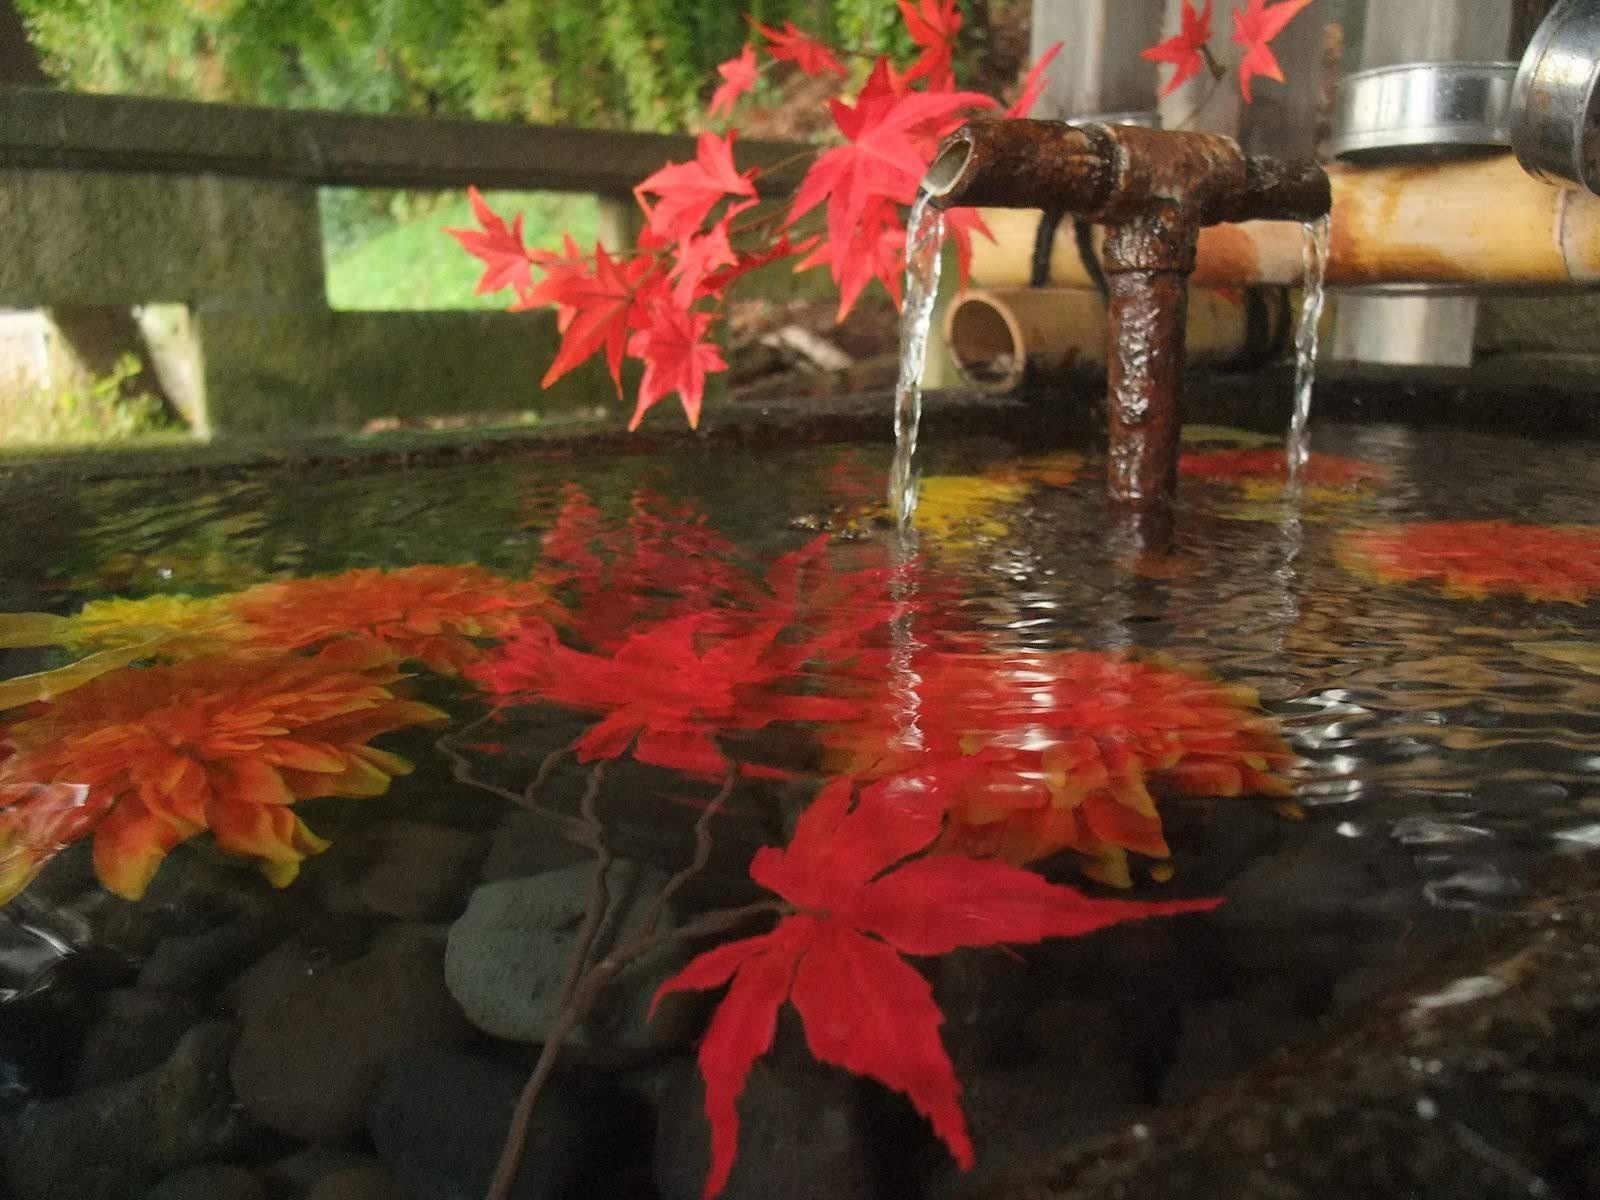 【まとめ】山形市周辺の週末イベント情報 11月2日(土),3日(日),4日(月)